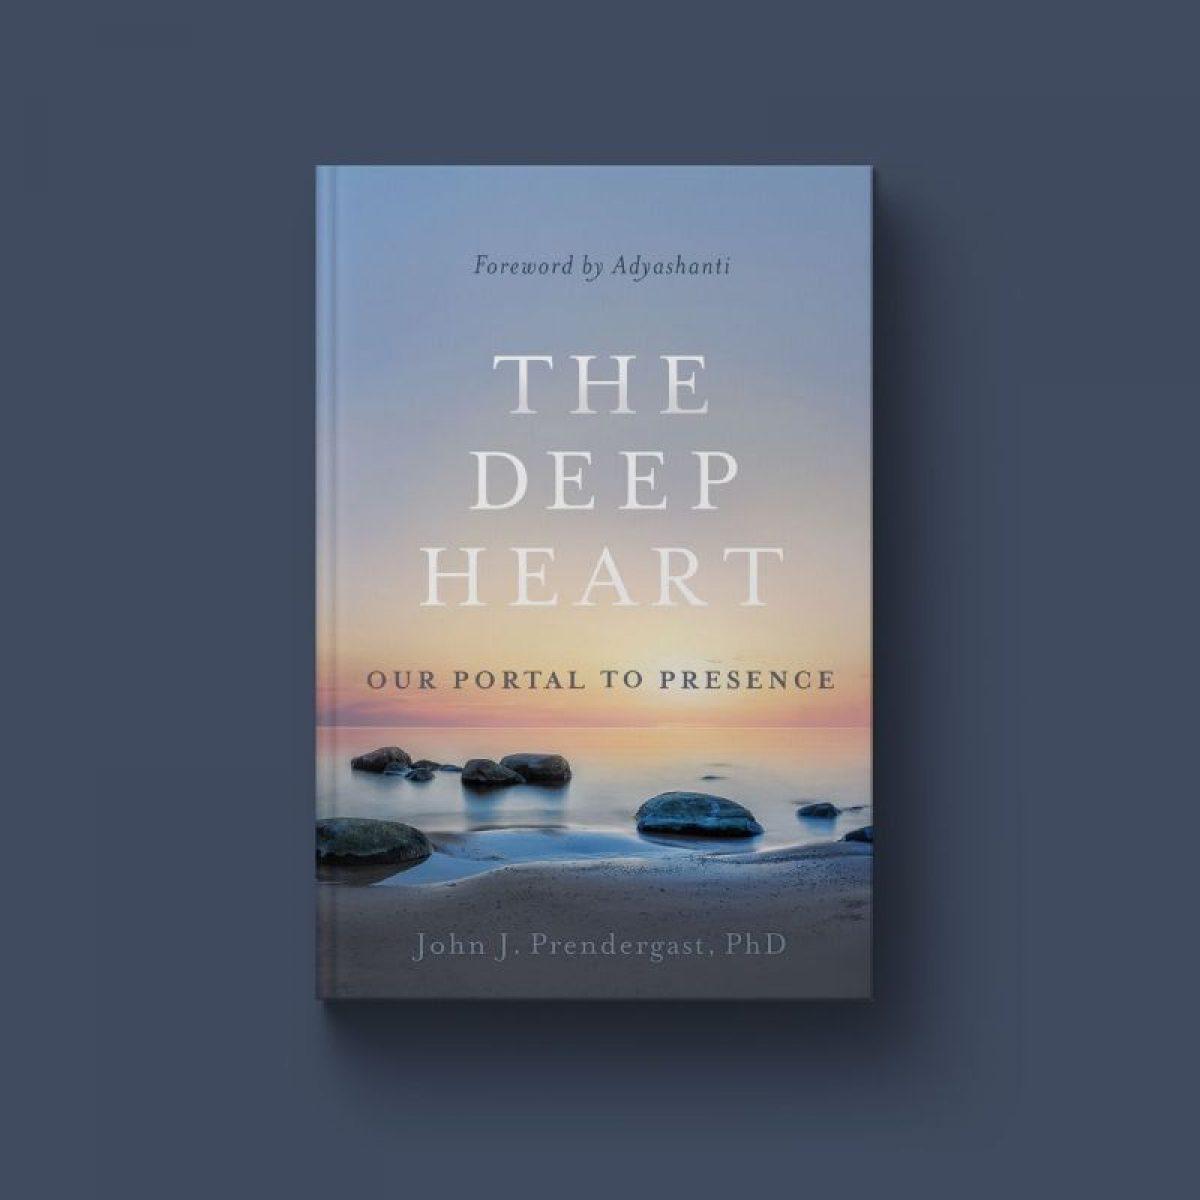 the-deep-heart-john-j-prendergast-cover-art-1